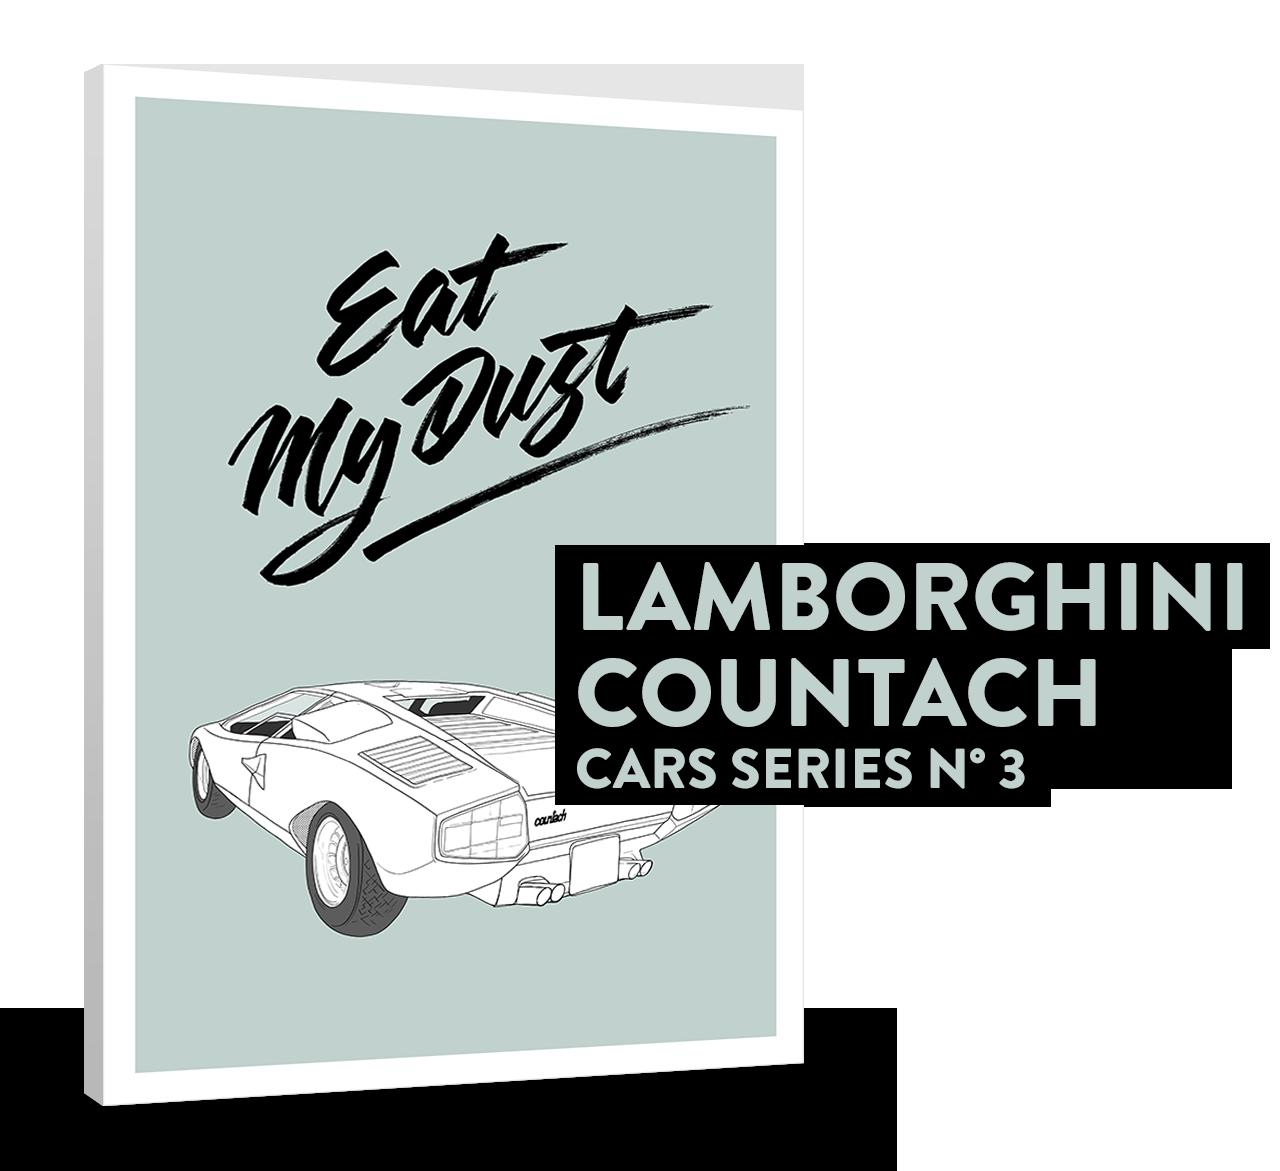 LAMBORGHIMI COUNTACH (CARS SERIES N°3)